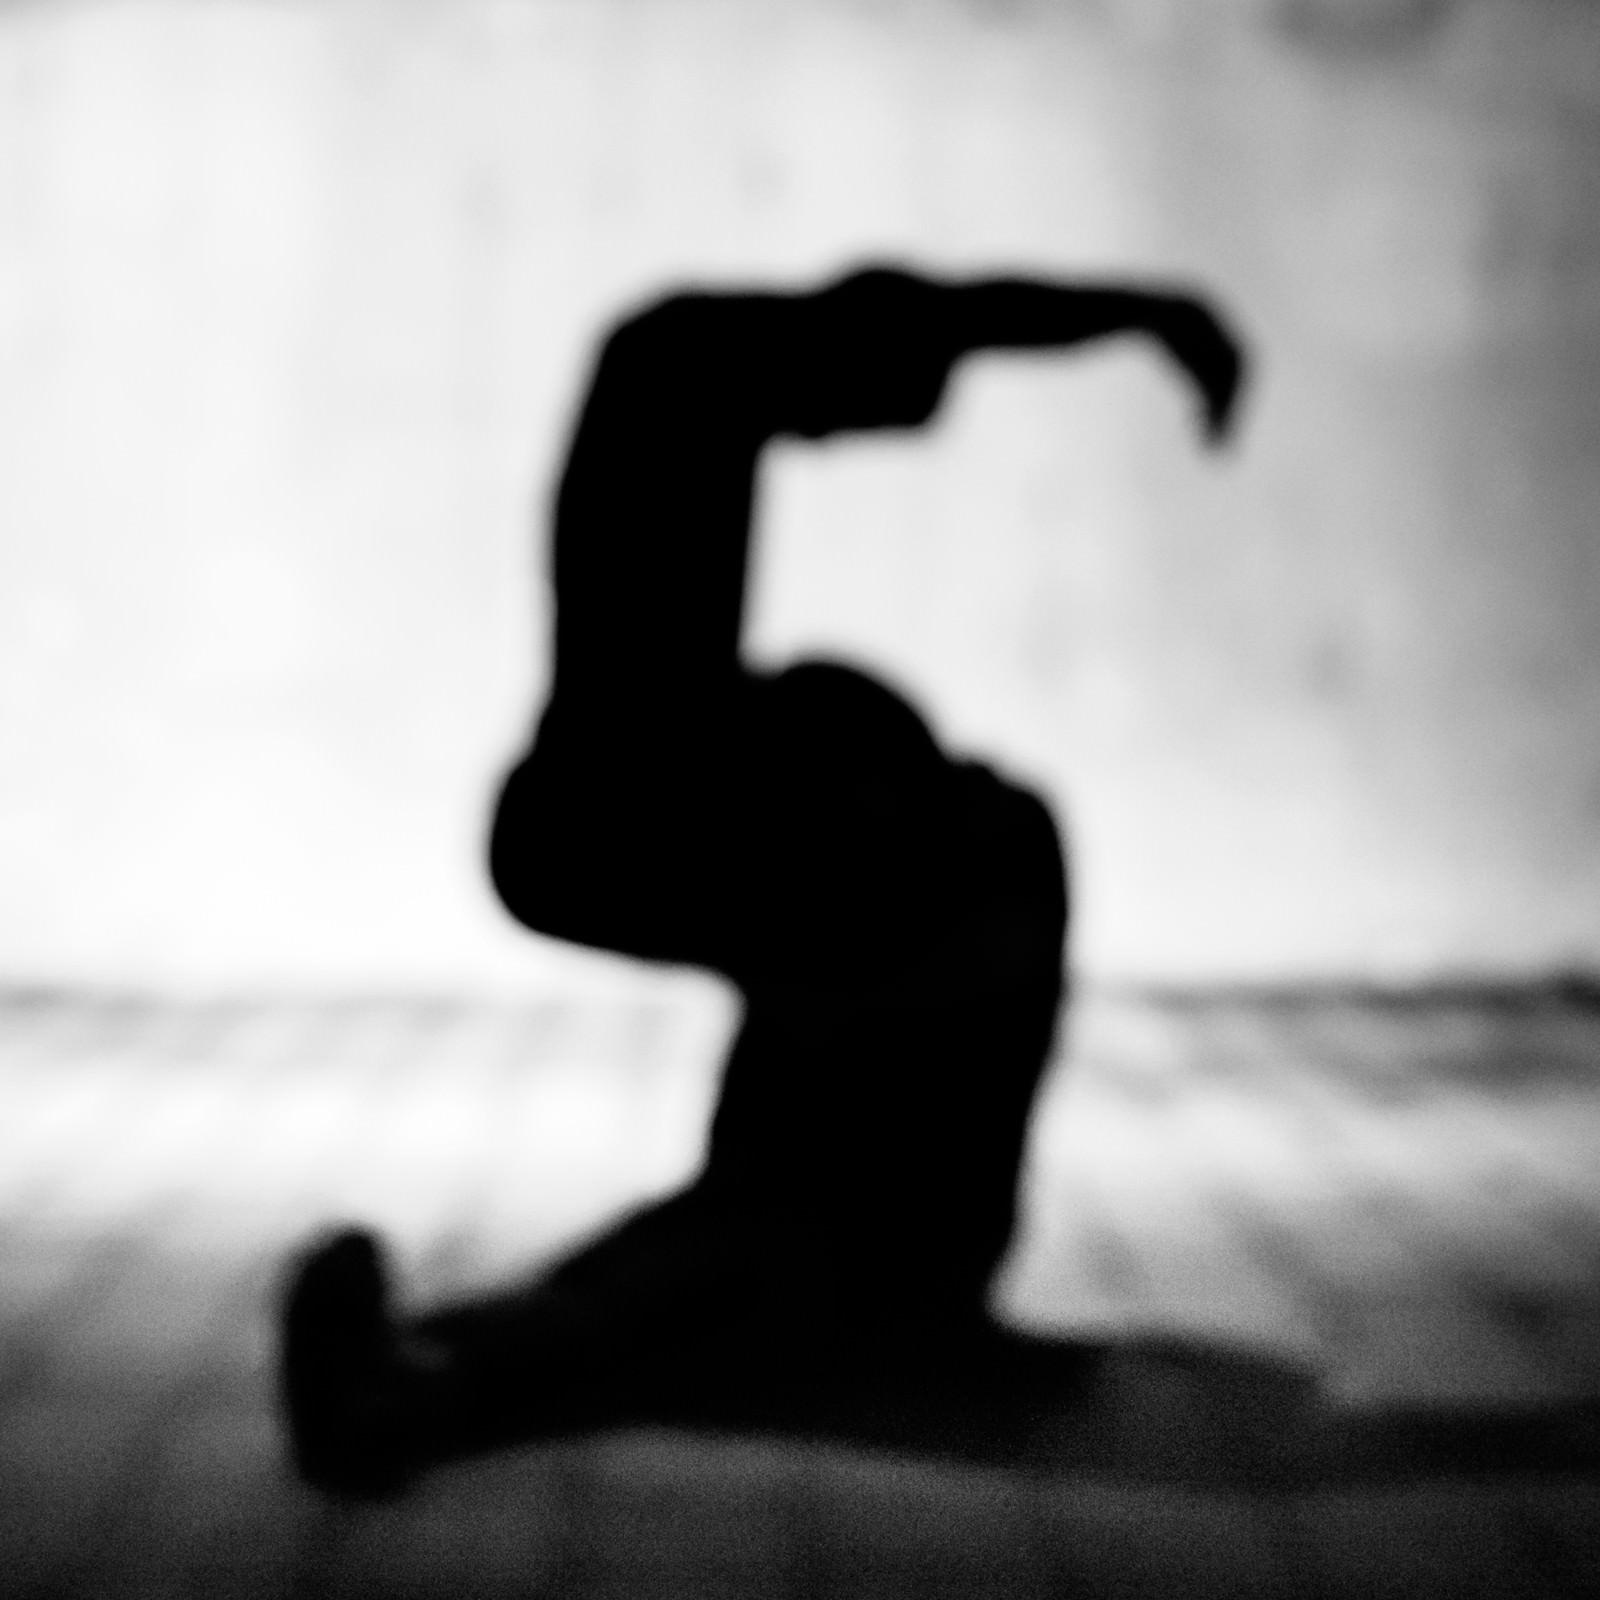 「「5」の数字(人文字)「5」の数字(人文字)」のフリー写真素材を拡大